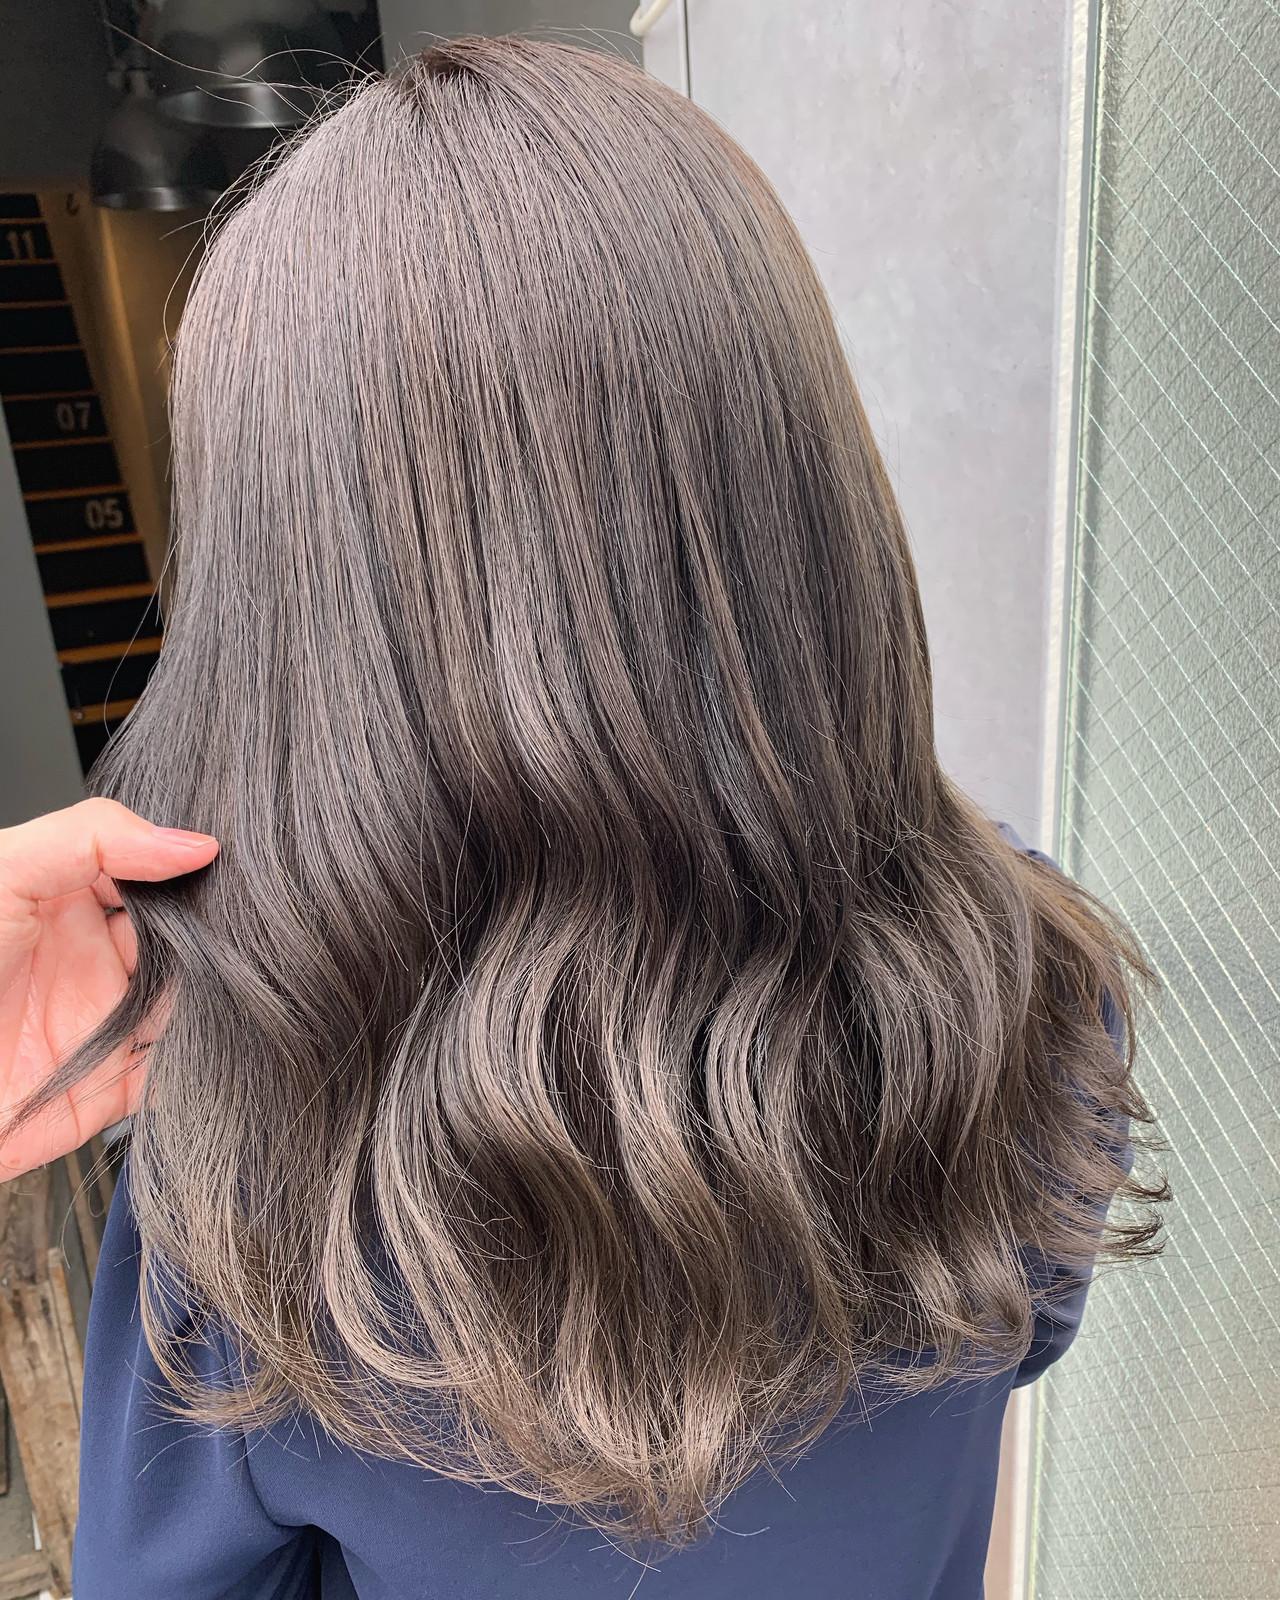 アッシュ ラベンダーアッシュ ナチュラル アッシュグレージュヘアスタイルや髪型の写真・画像